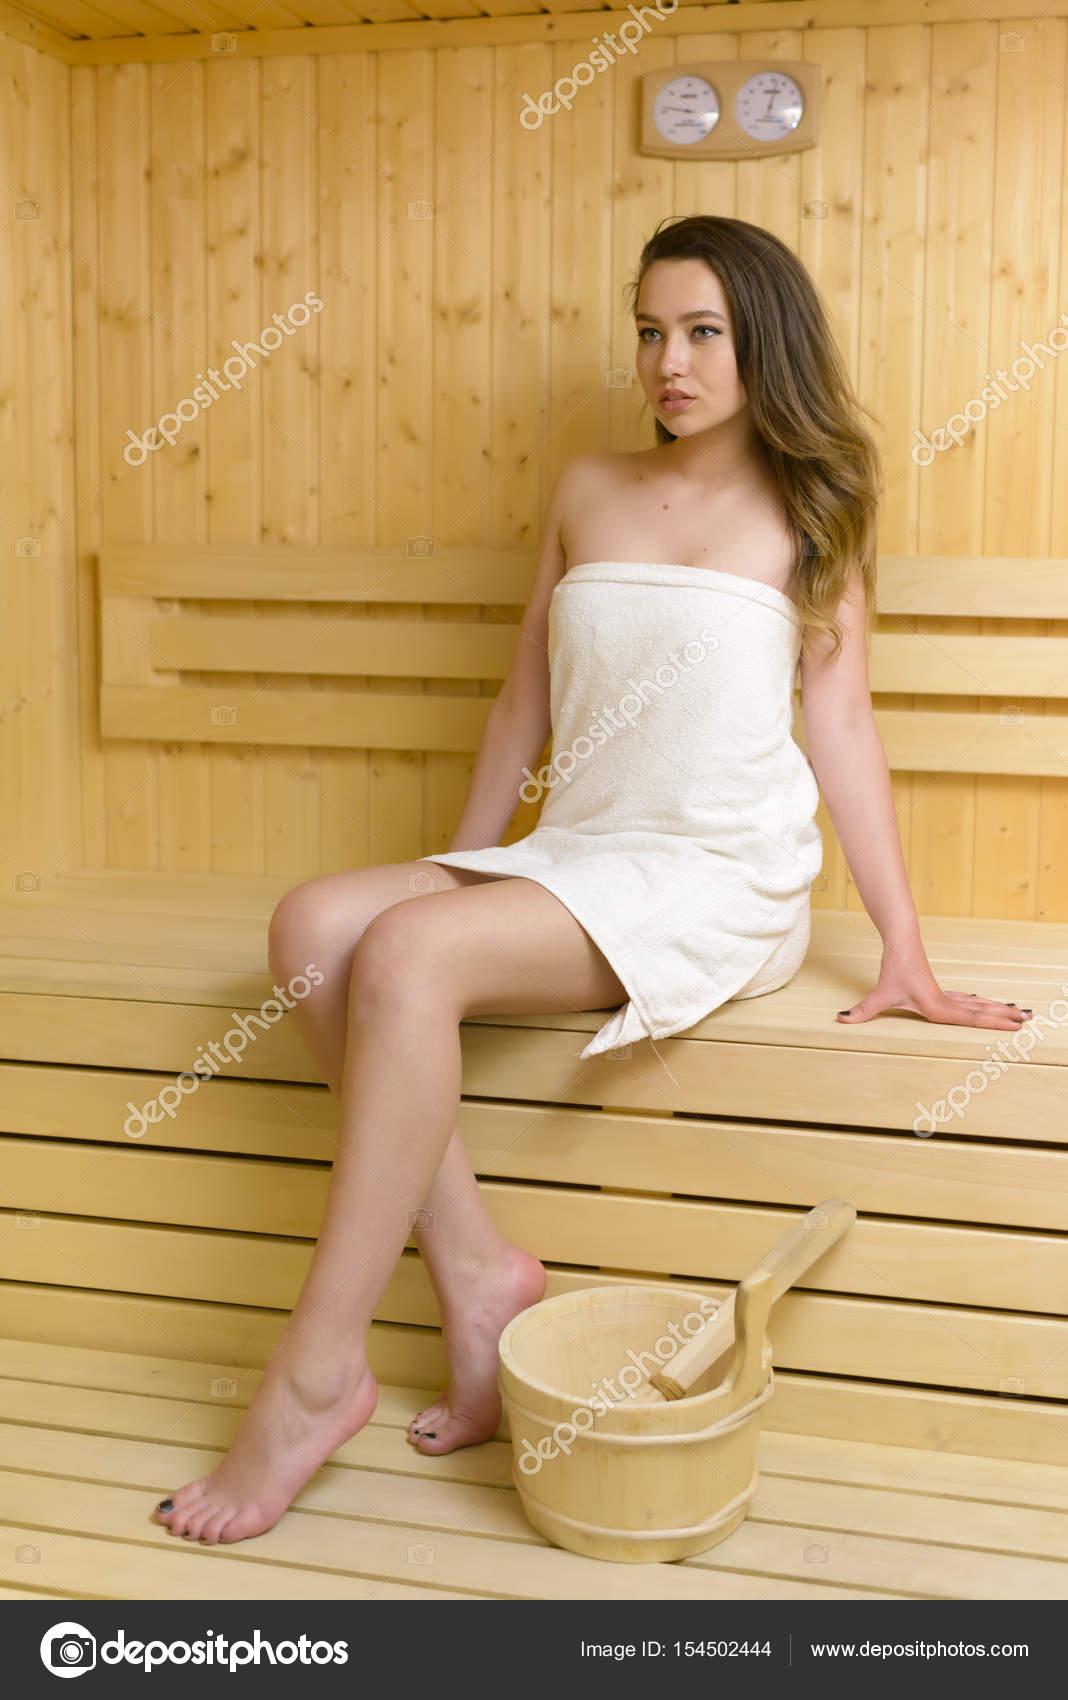 Schöne Frau genießt Sauna - Stockfotografie: lizenzfreie